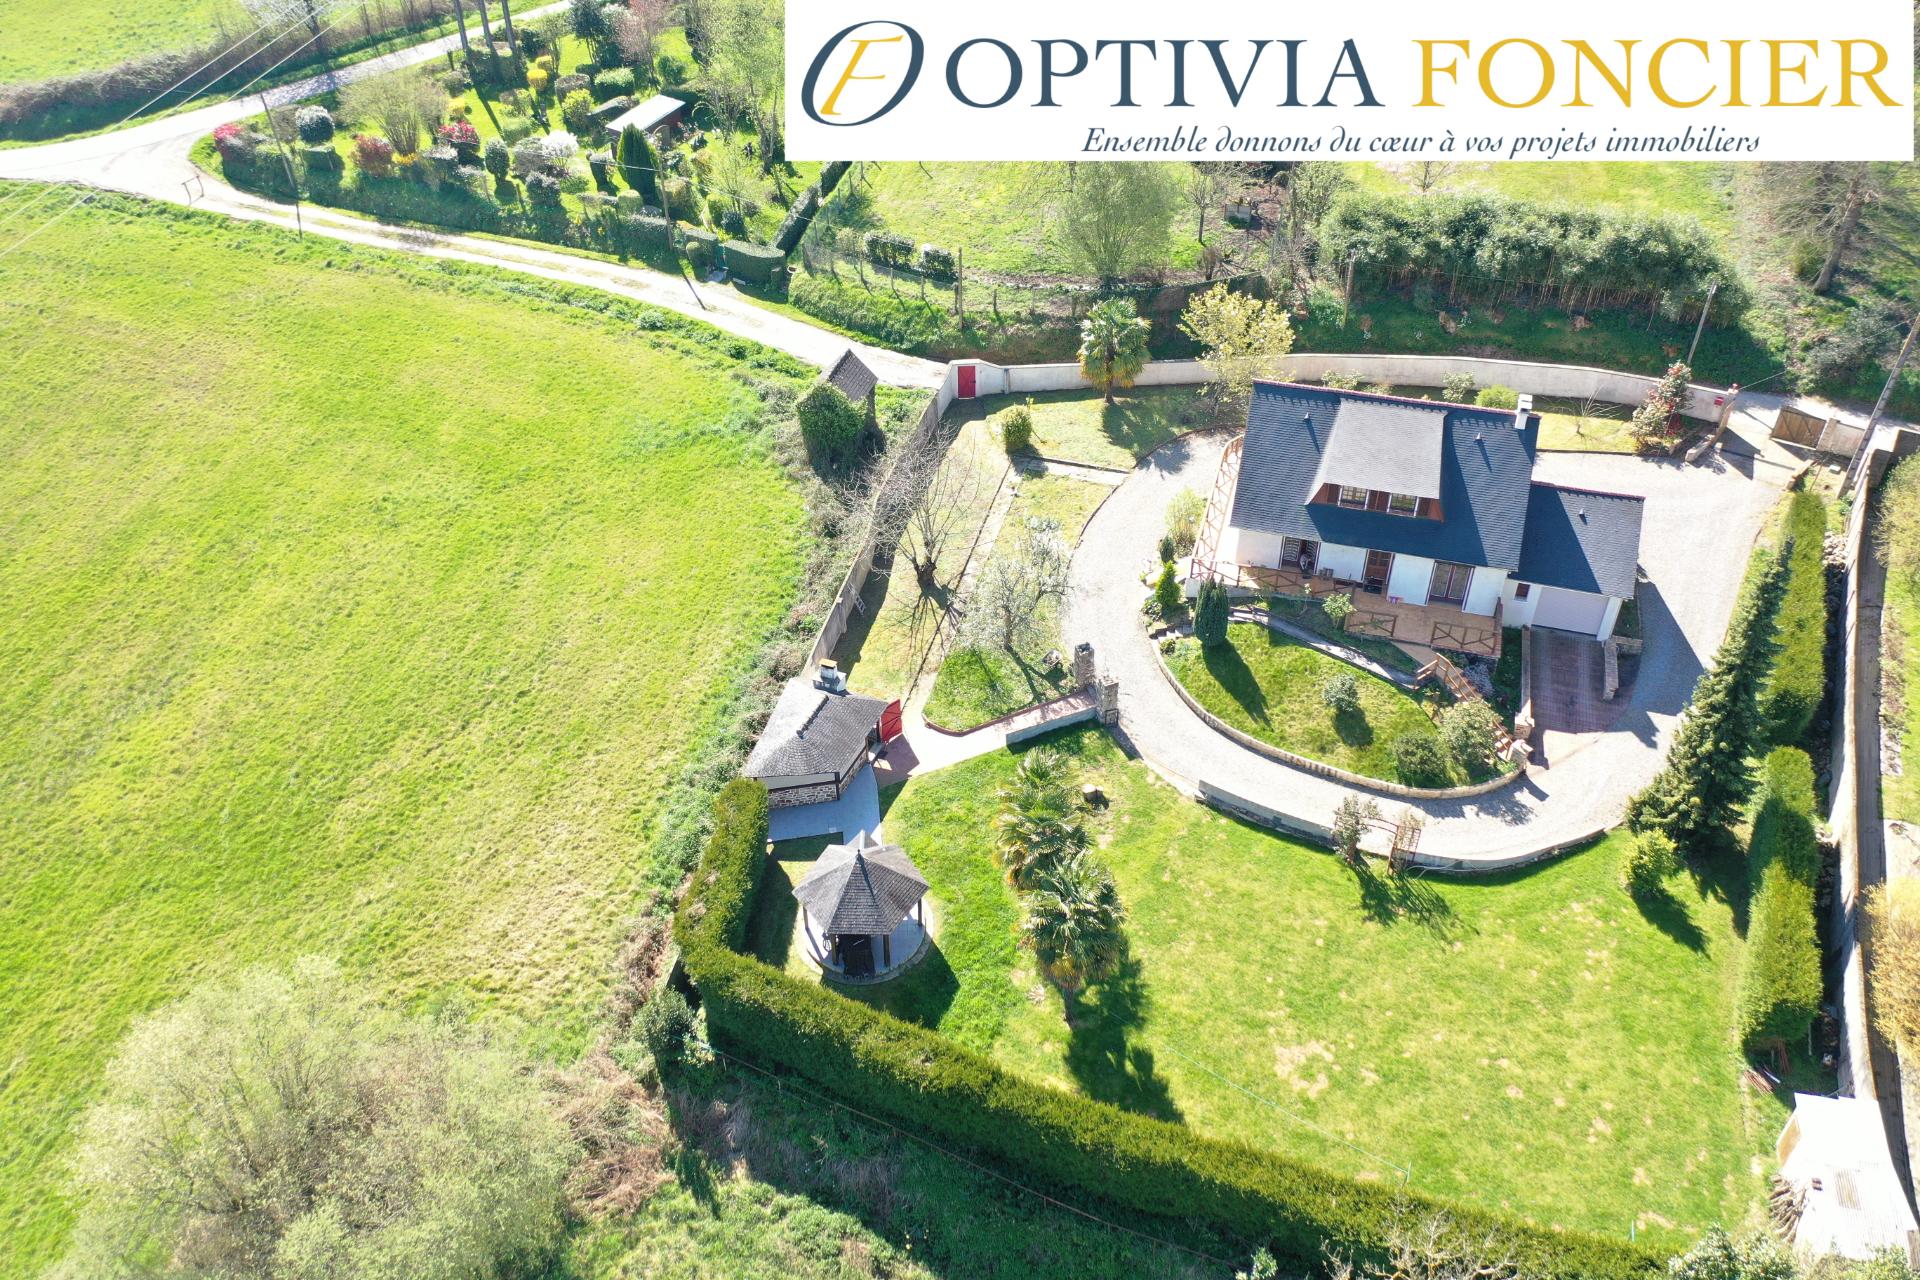 Maison T4 115 m² - 1 738 m² de terrain - Extension possible